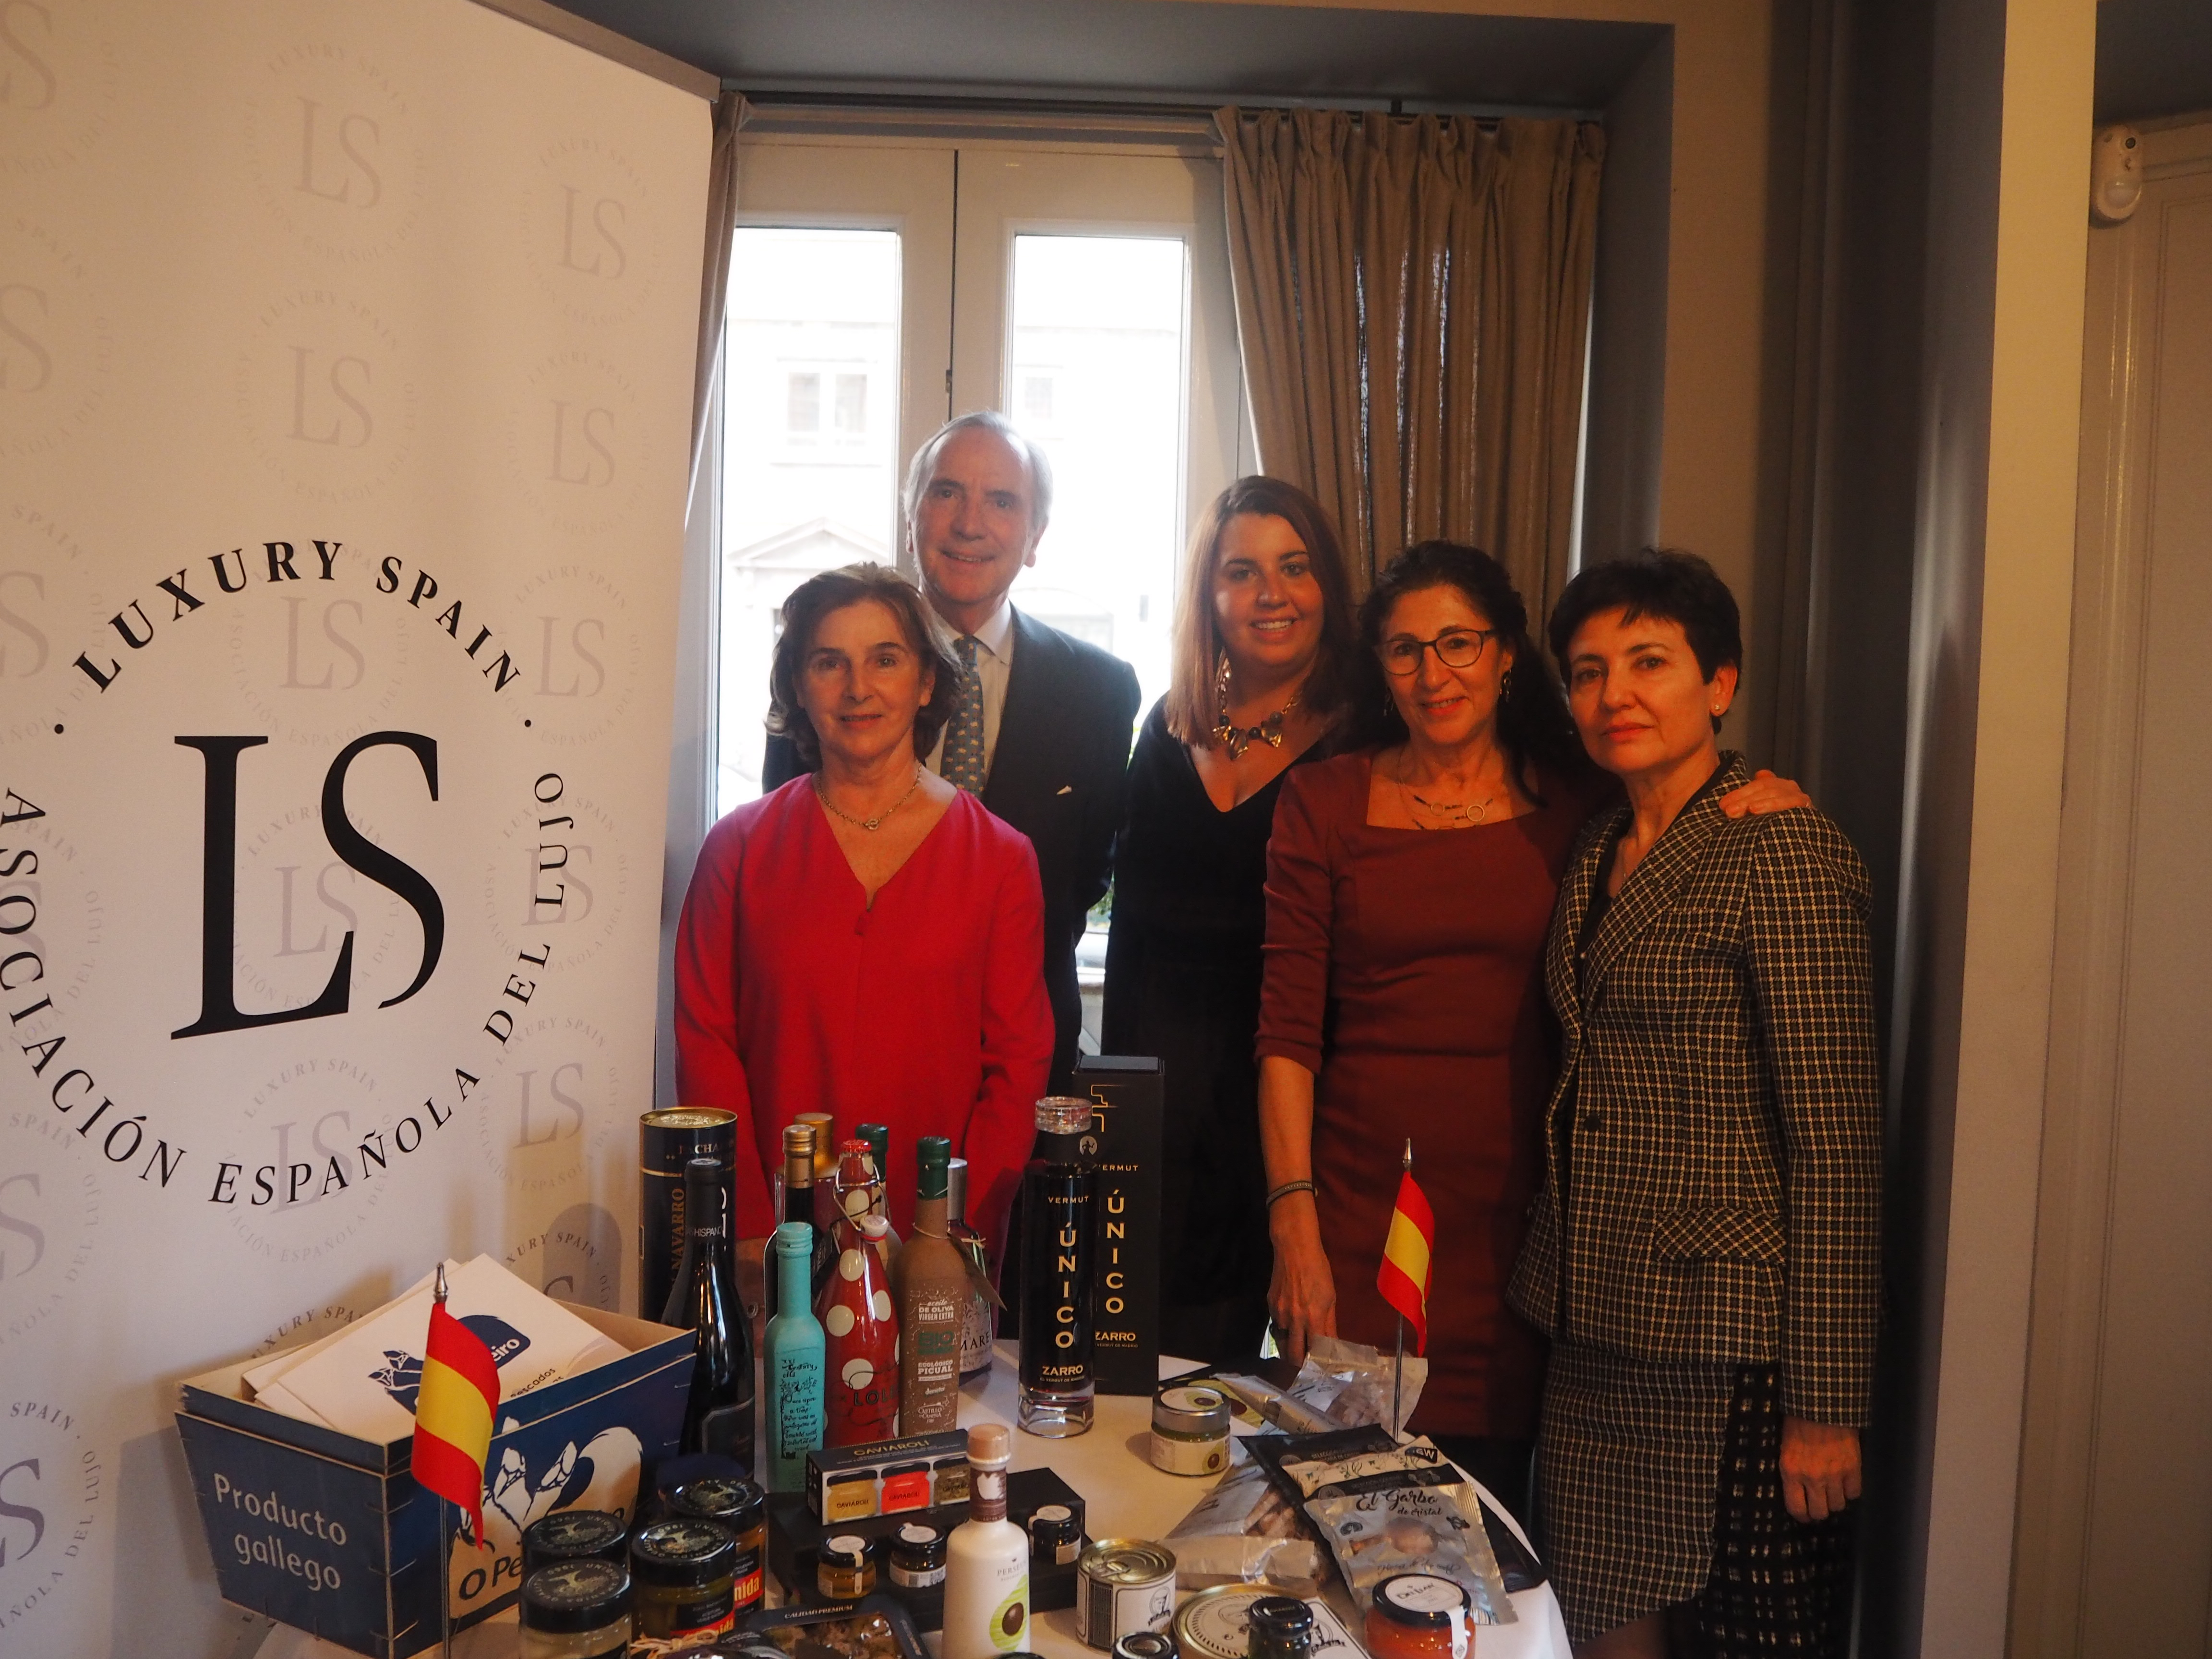 Luxury Spain presenta la excelencia y calidad españolas en Copenhague